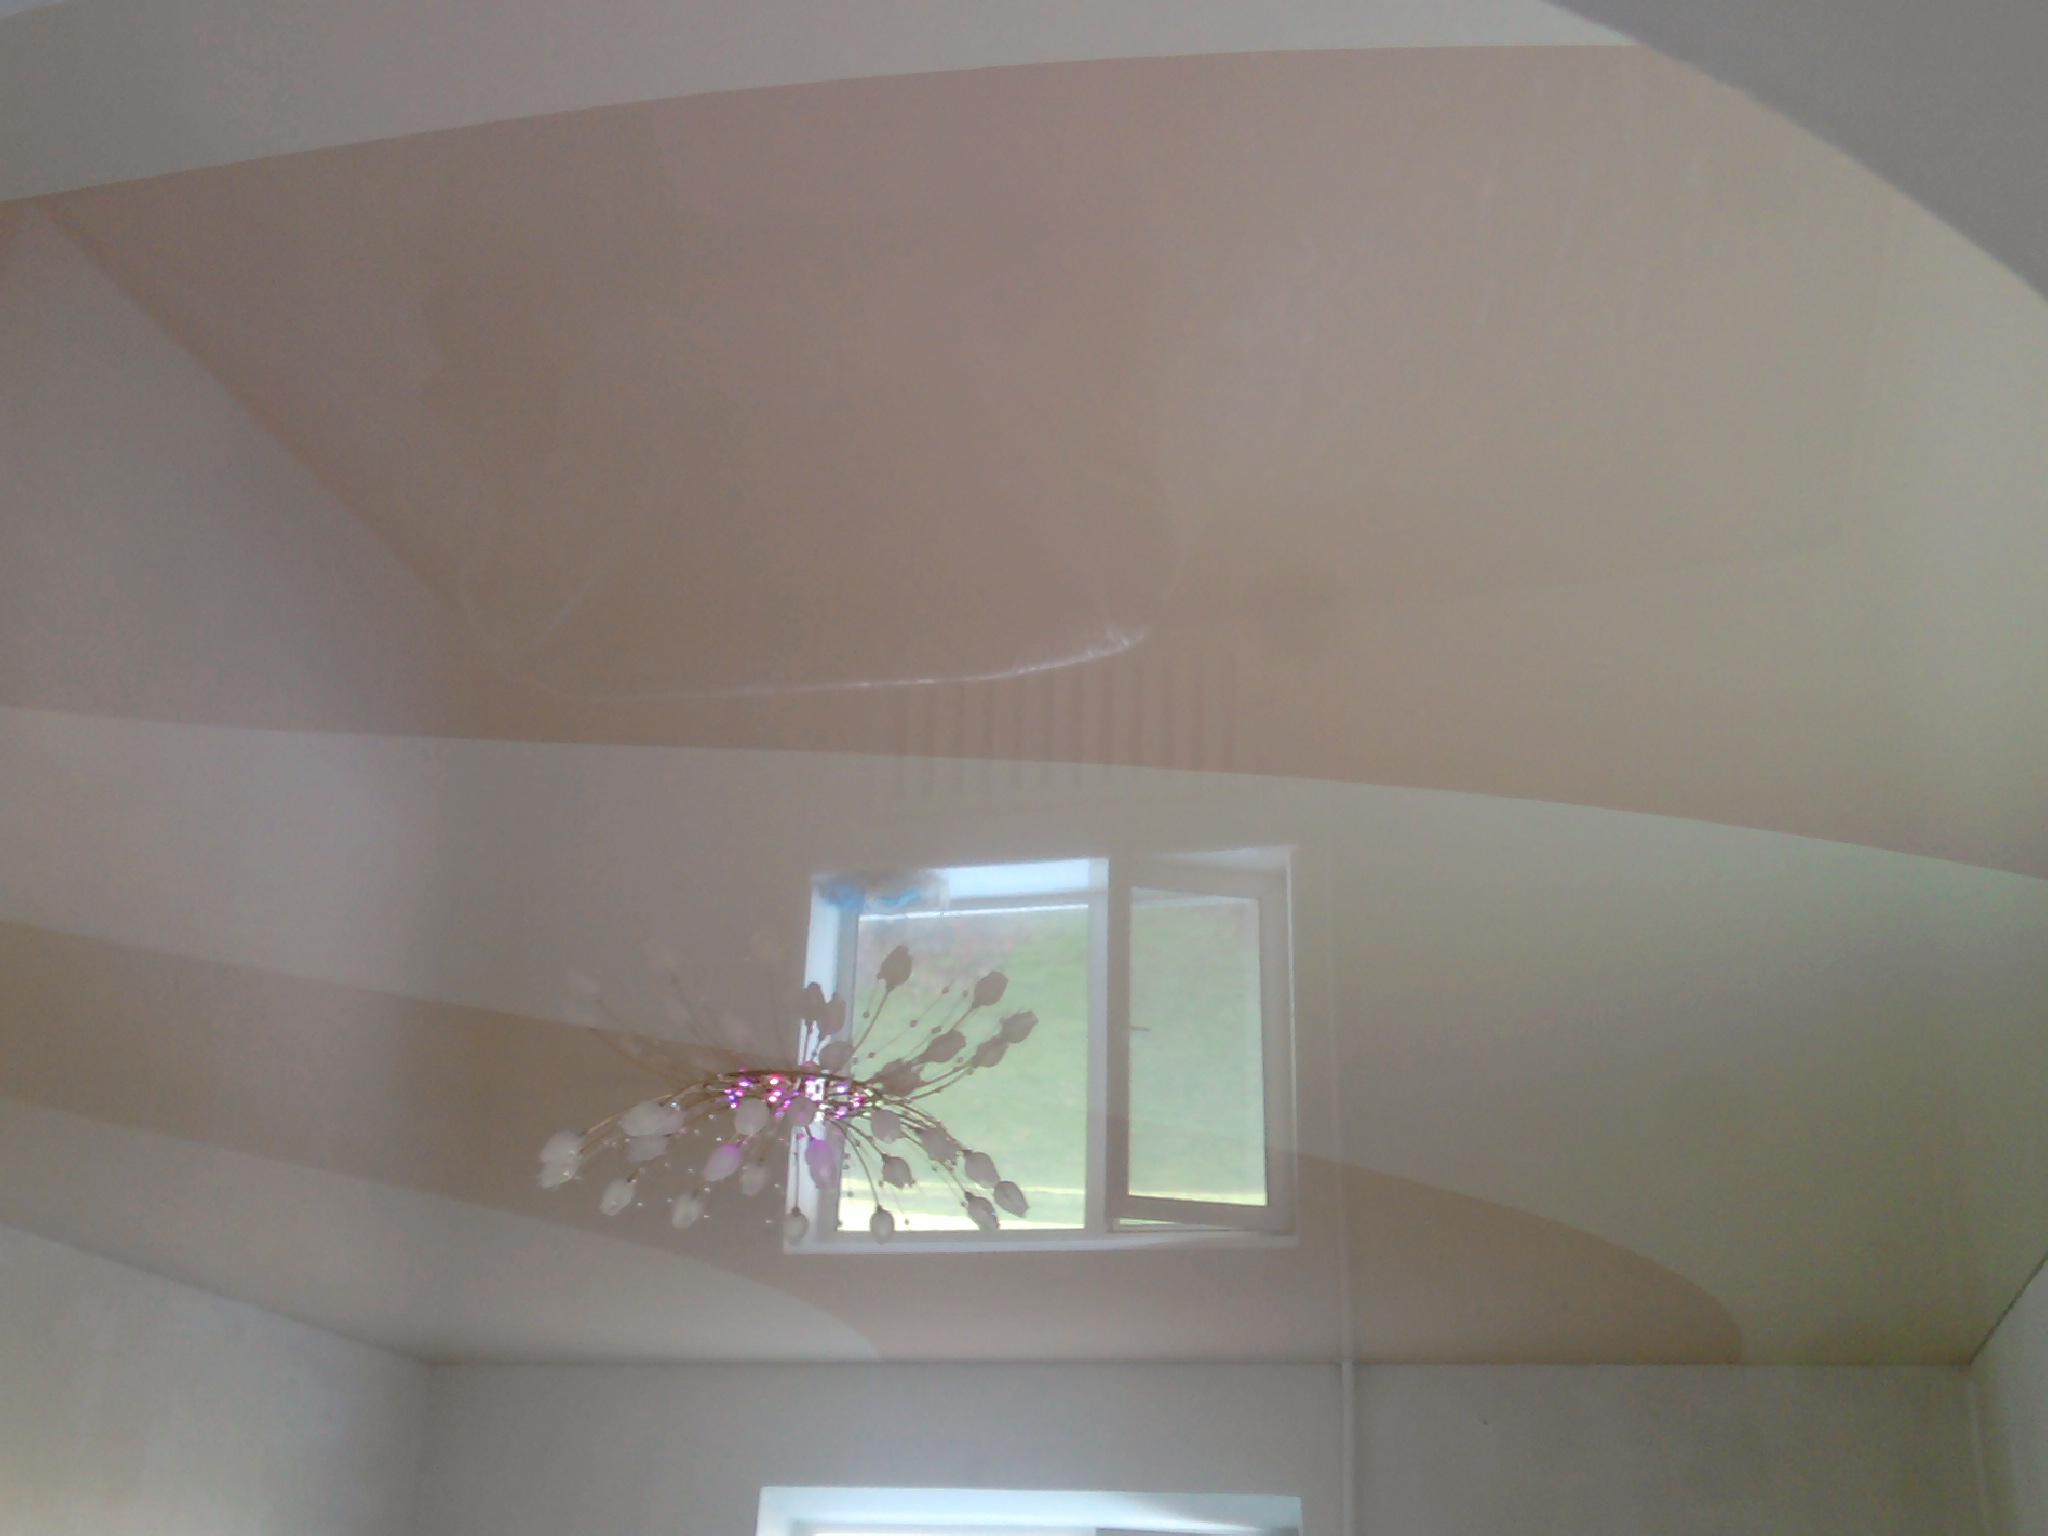 посте показать фото оттенков глянцевых потолков окунулась